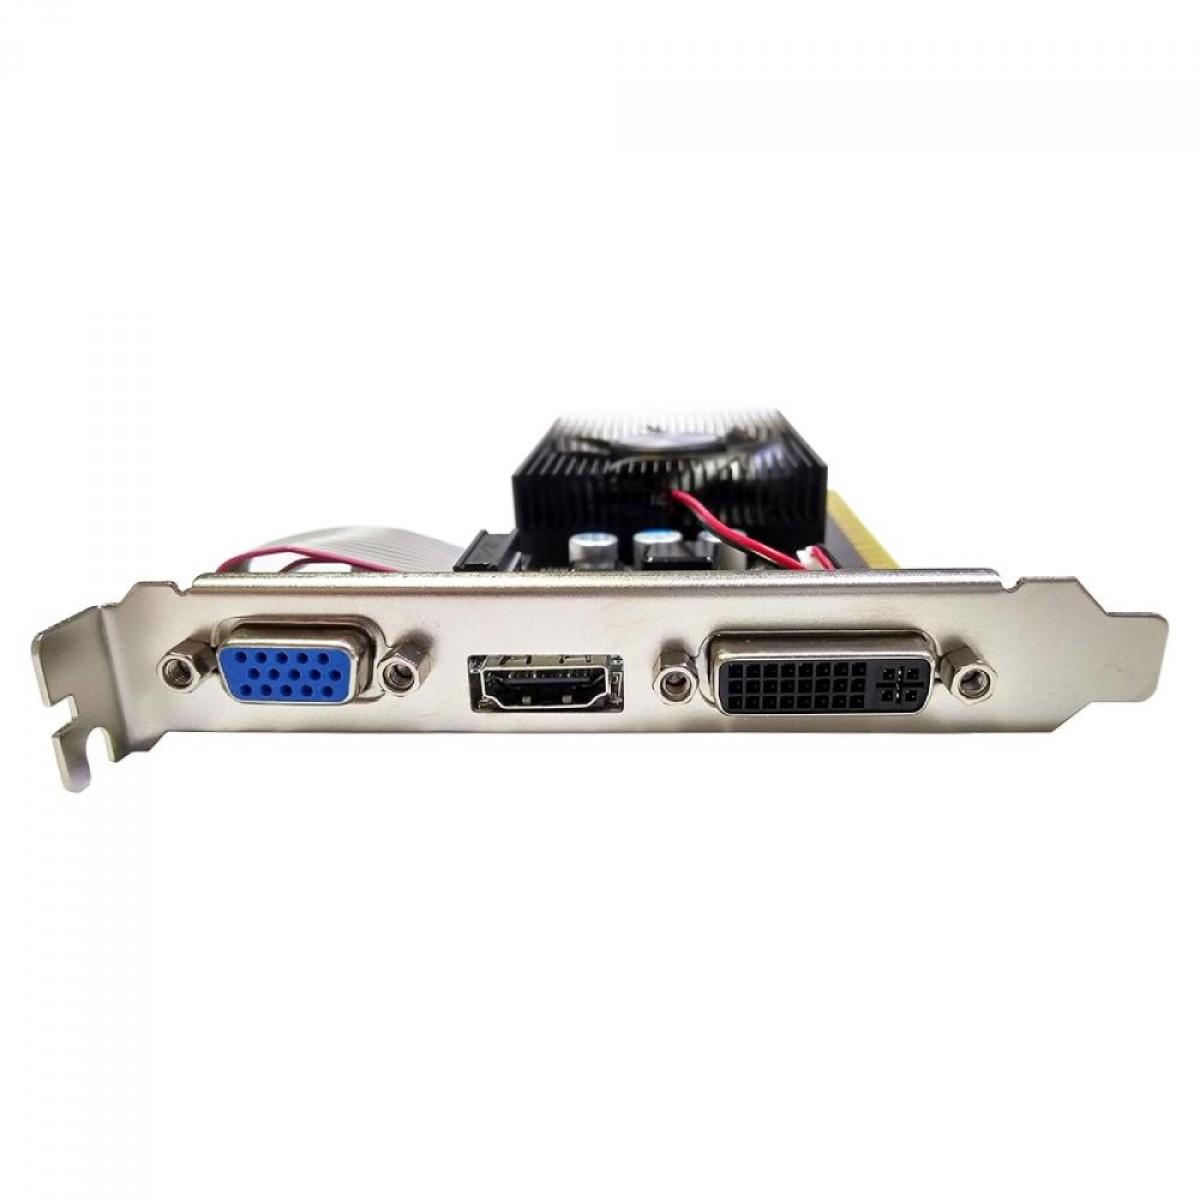 Placa de Vídeo AFox GeForce GT 730, 2GB, DDR3, 128bit, AF730-2048D3L6